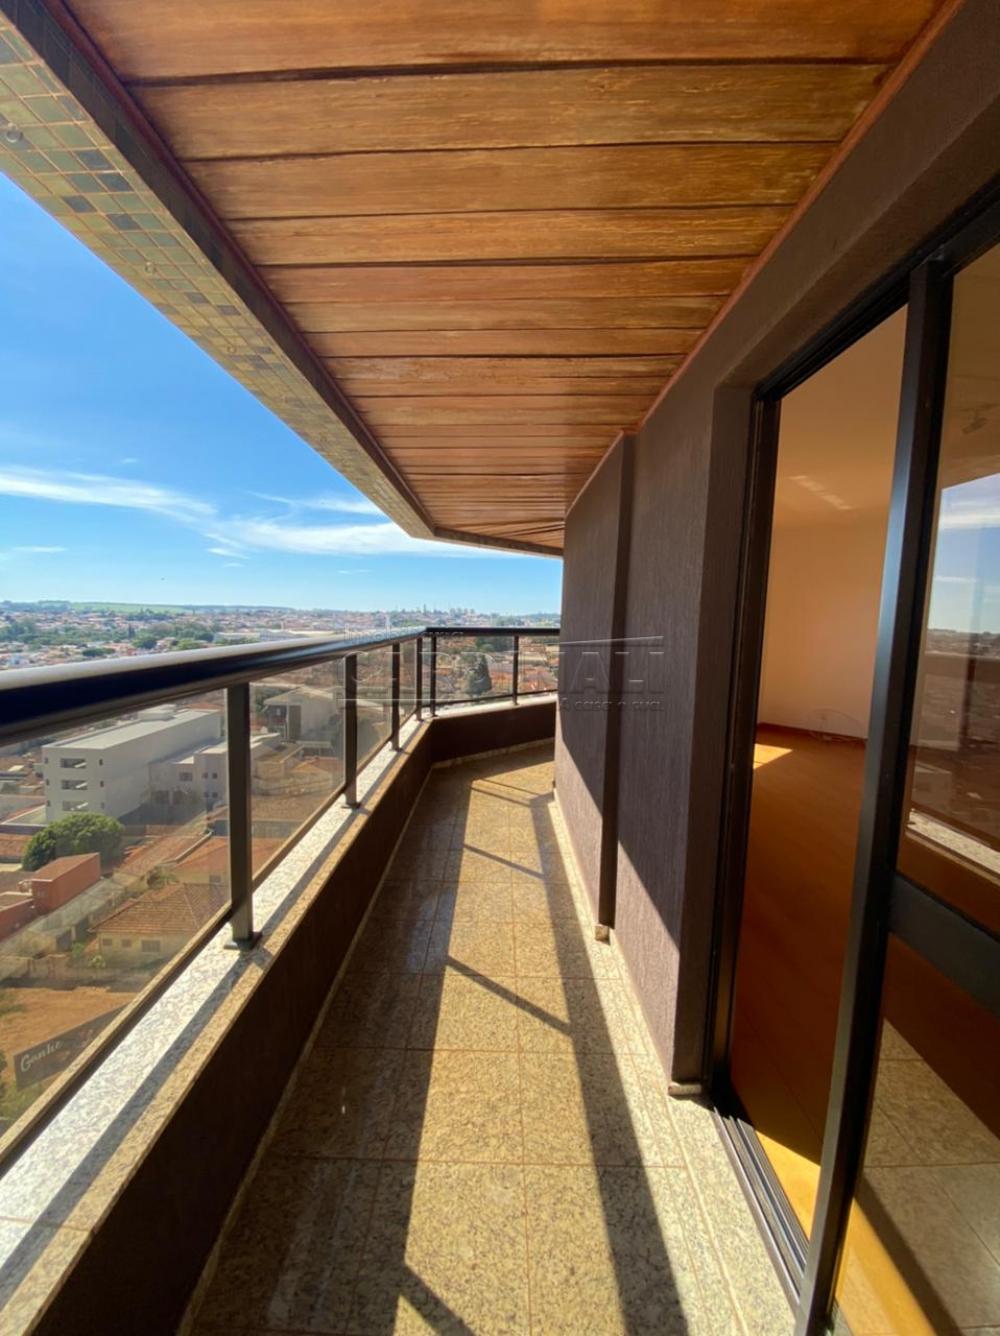 Alugar Apartamento / Padrão em São Carlos R$ 1.778,00 - Foto 18